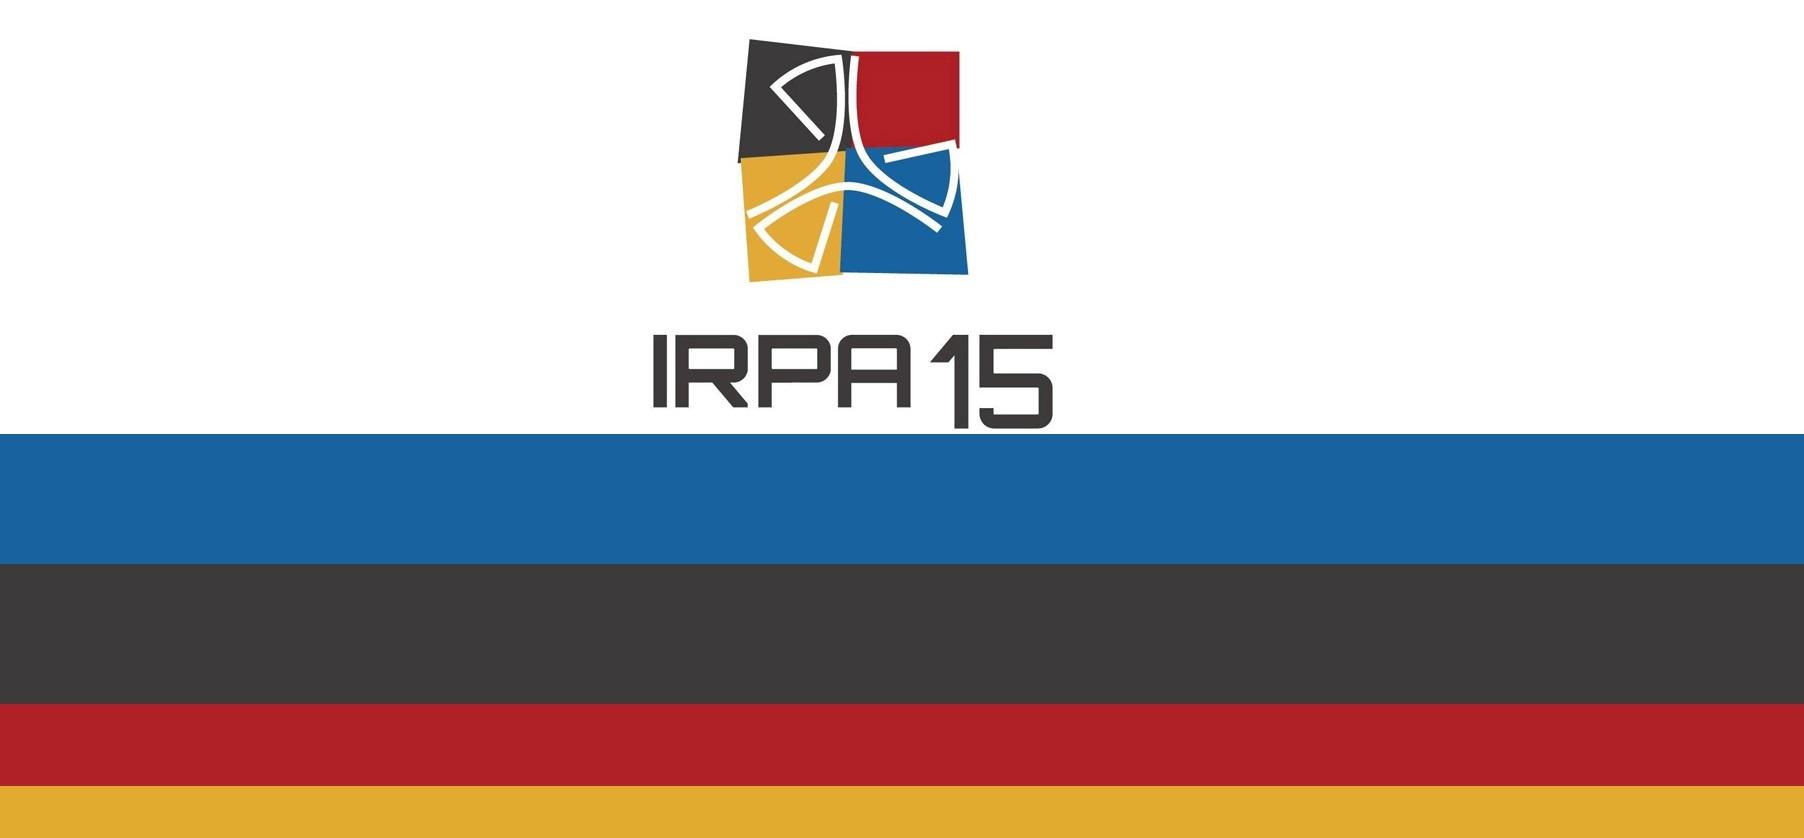 Comenzó el Congreso Internacional IRPA 15